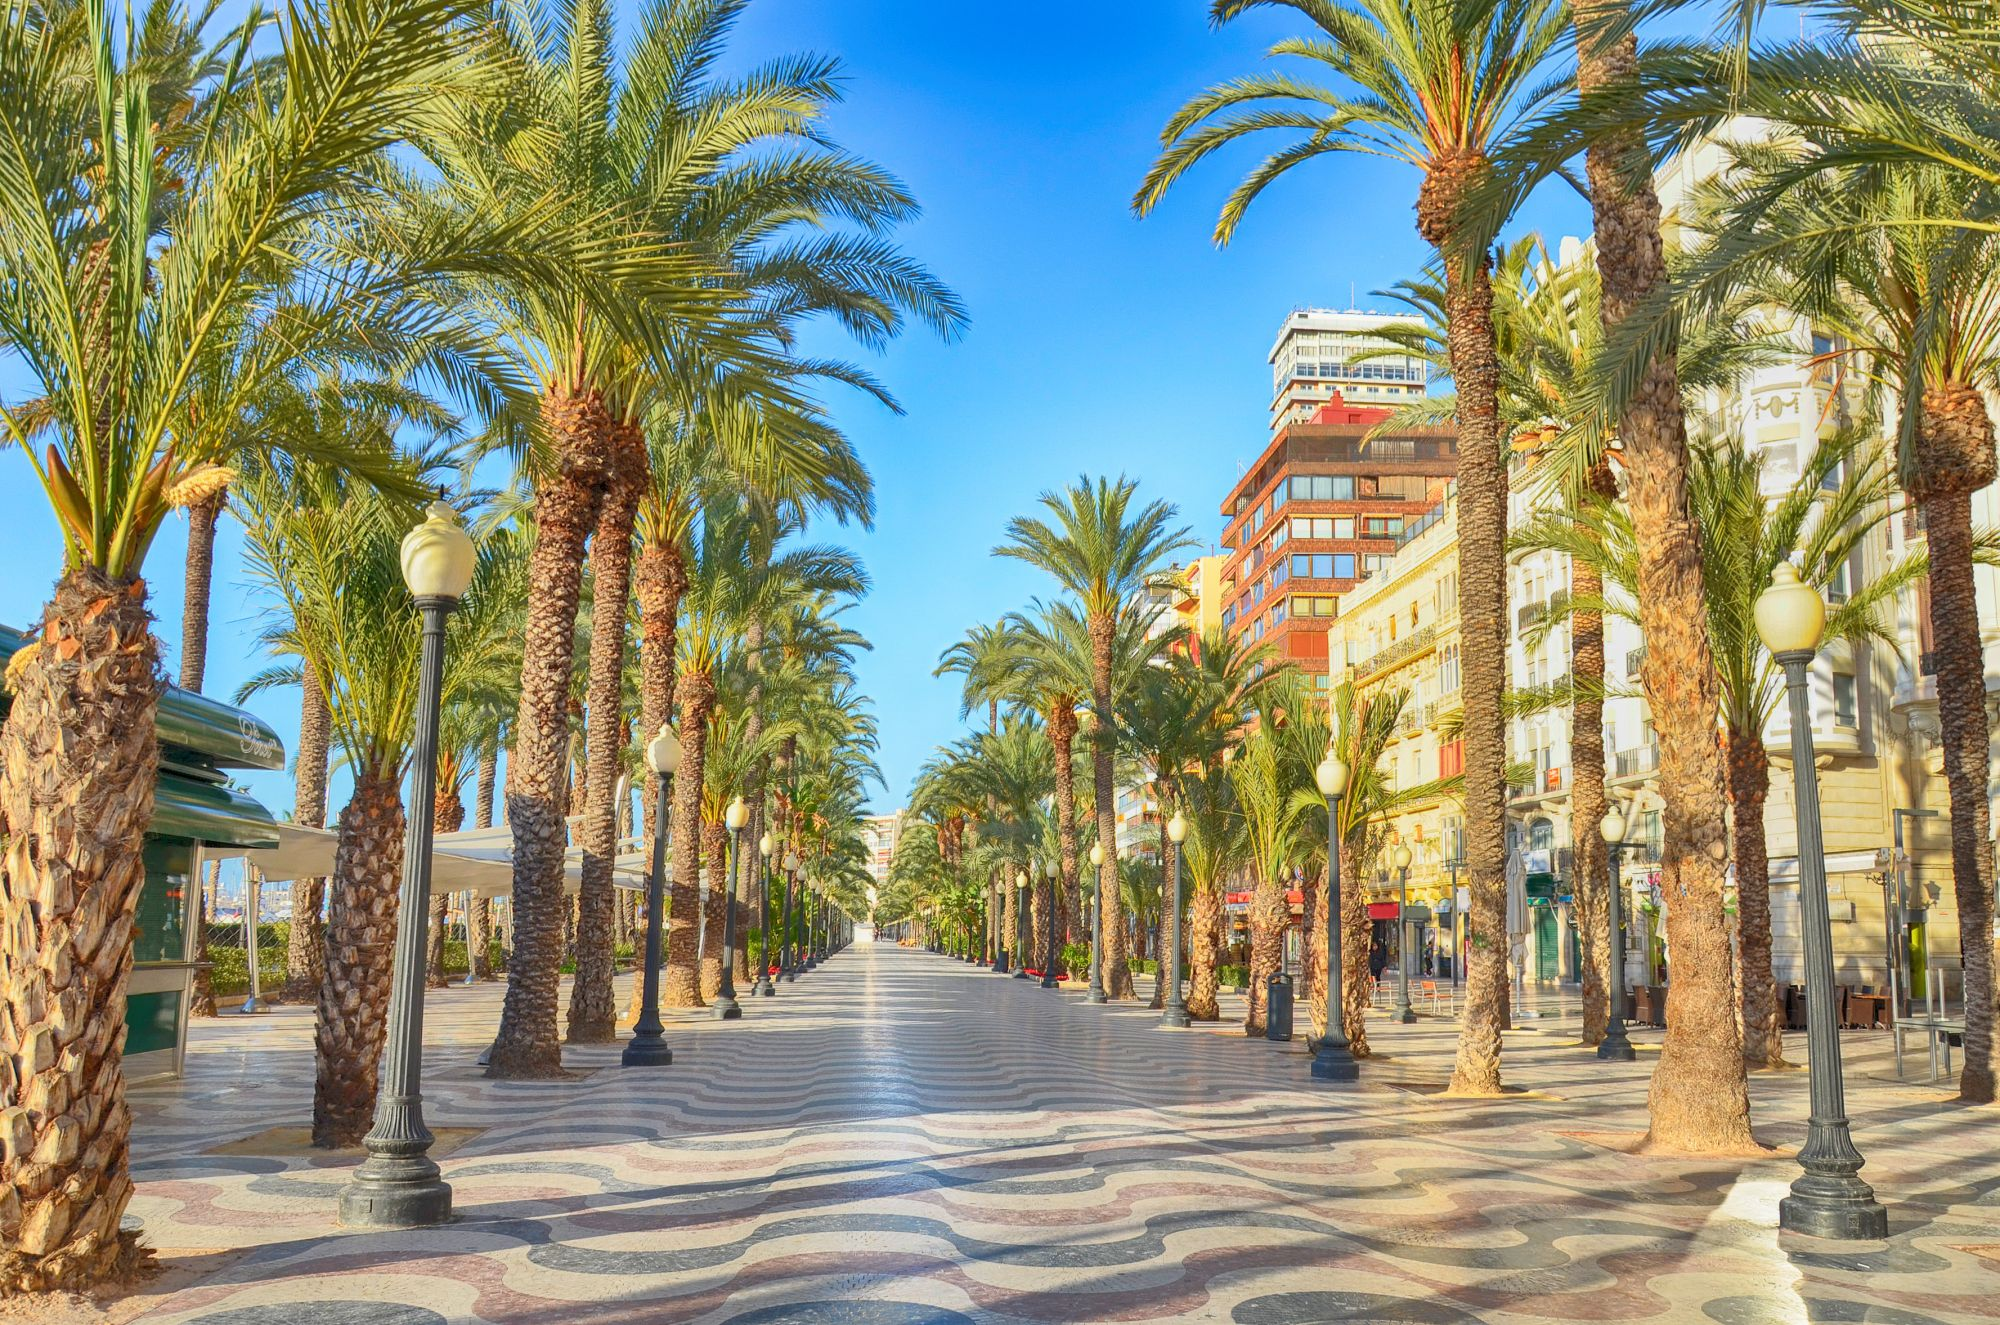 Alicante aleja w mieście